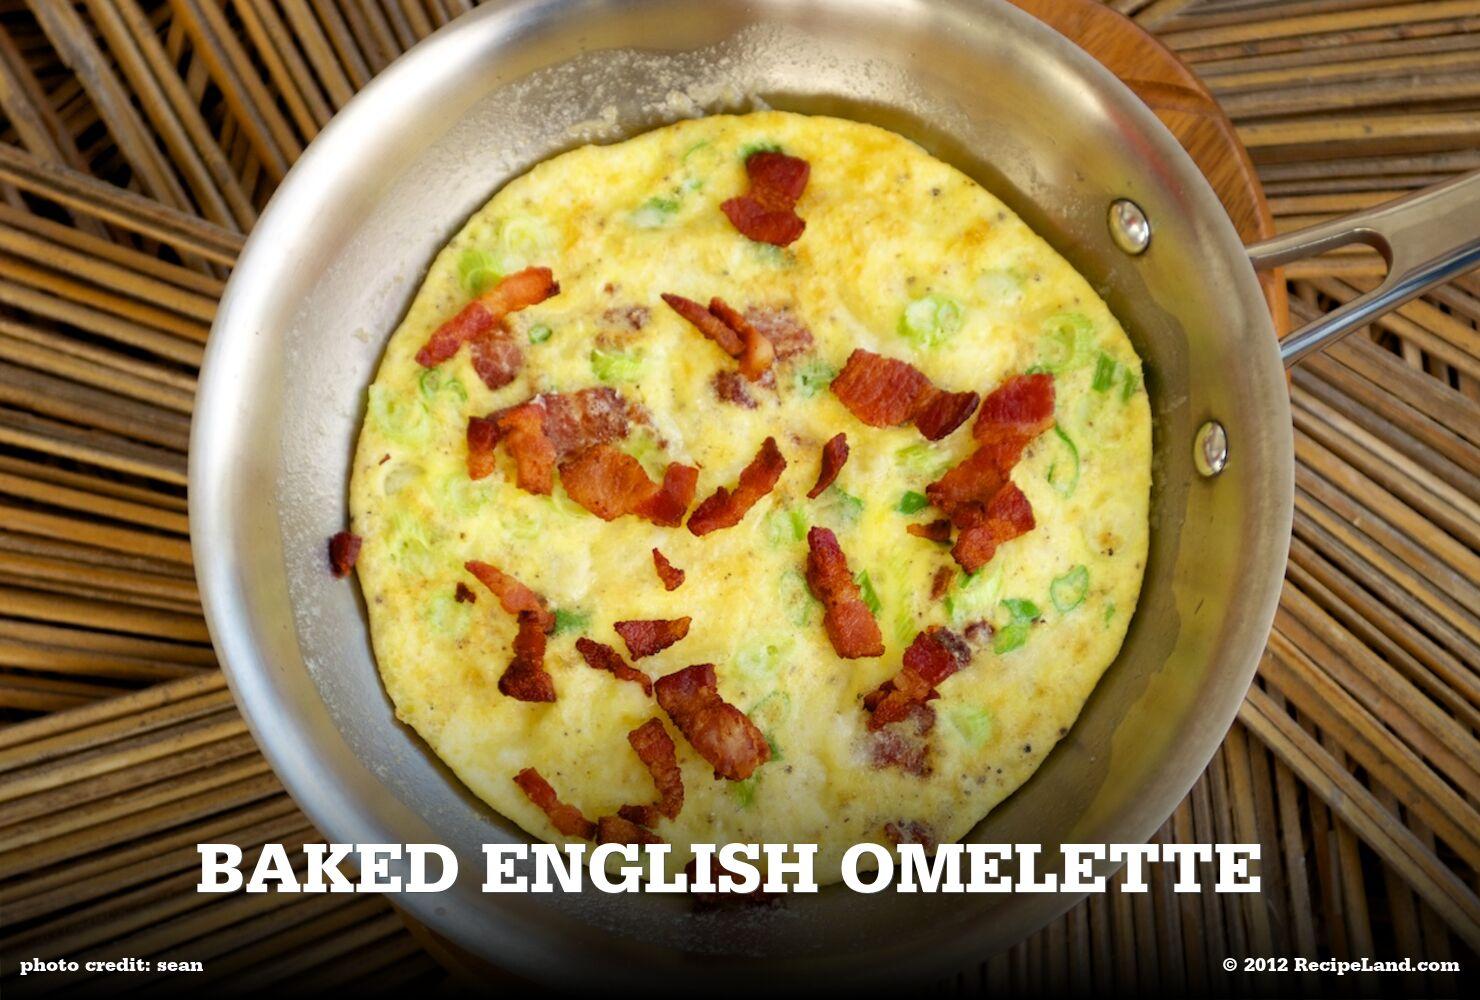 Baked English Omelette